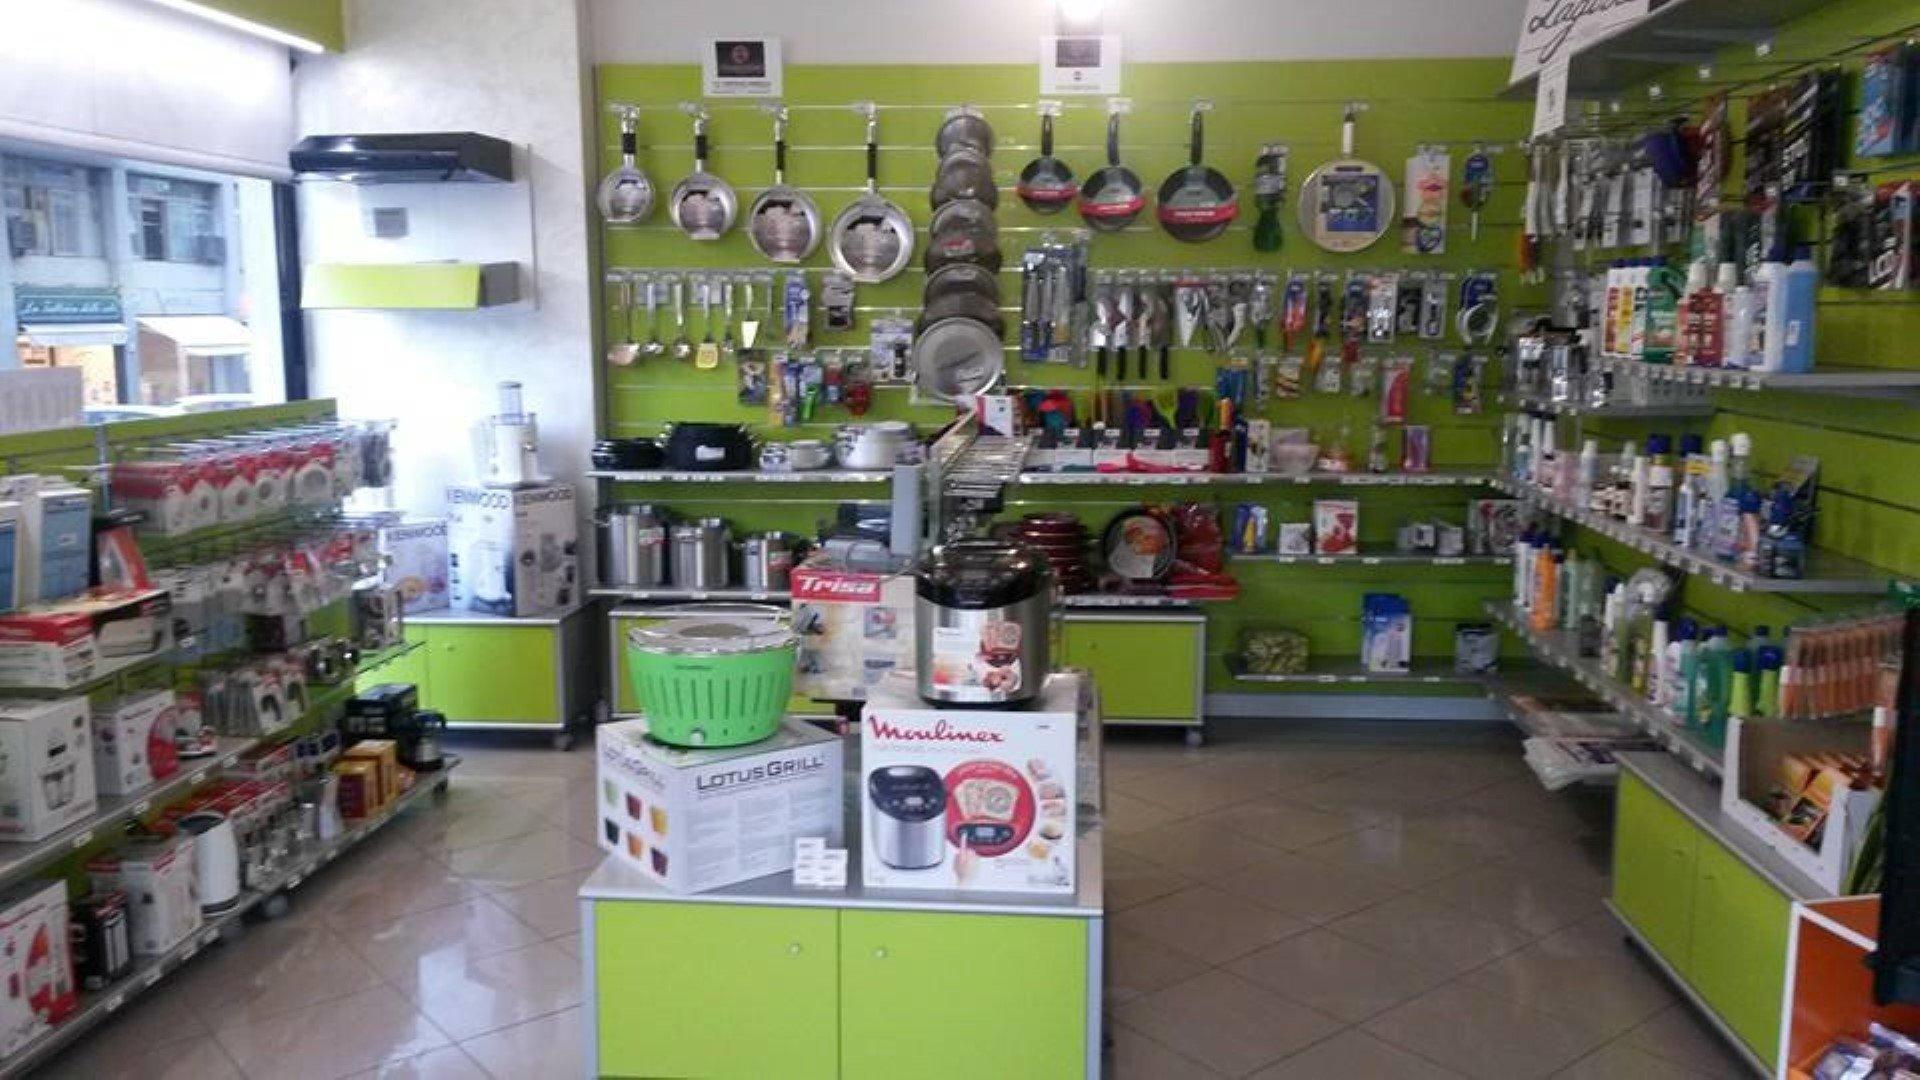 Padelle e accessori per cucina appesi ad una parete